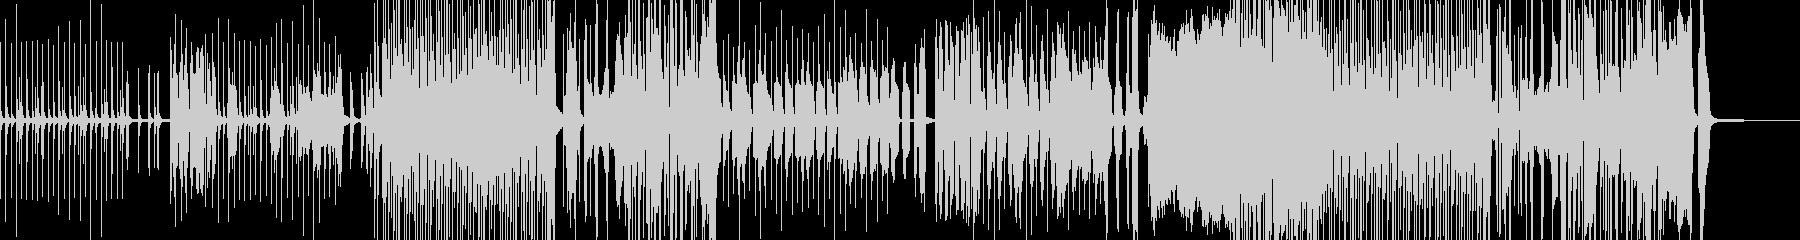 小動物をテーマとしたコミカルポップス ★の未再生の波形